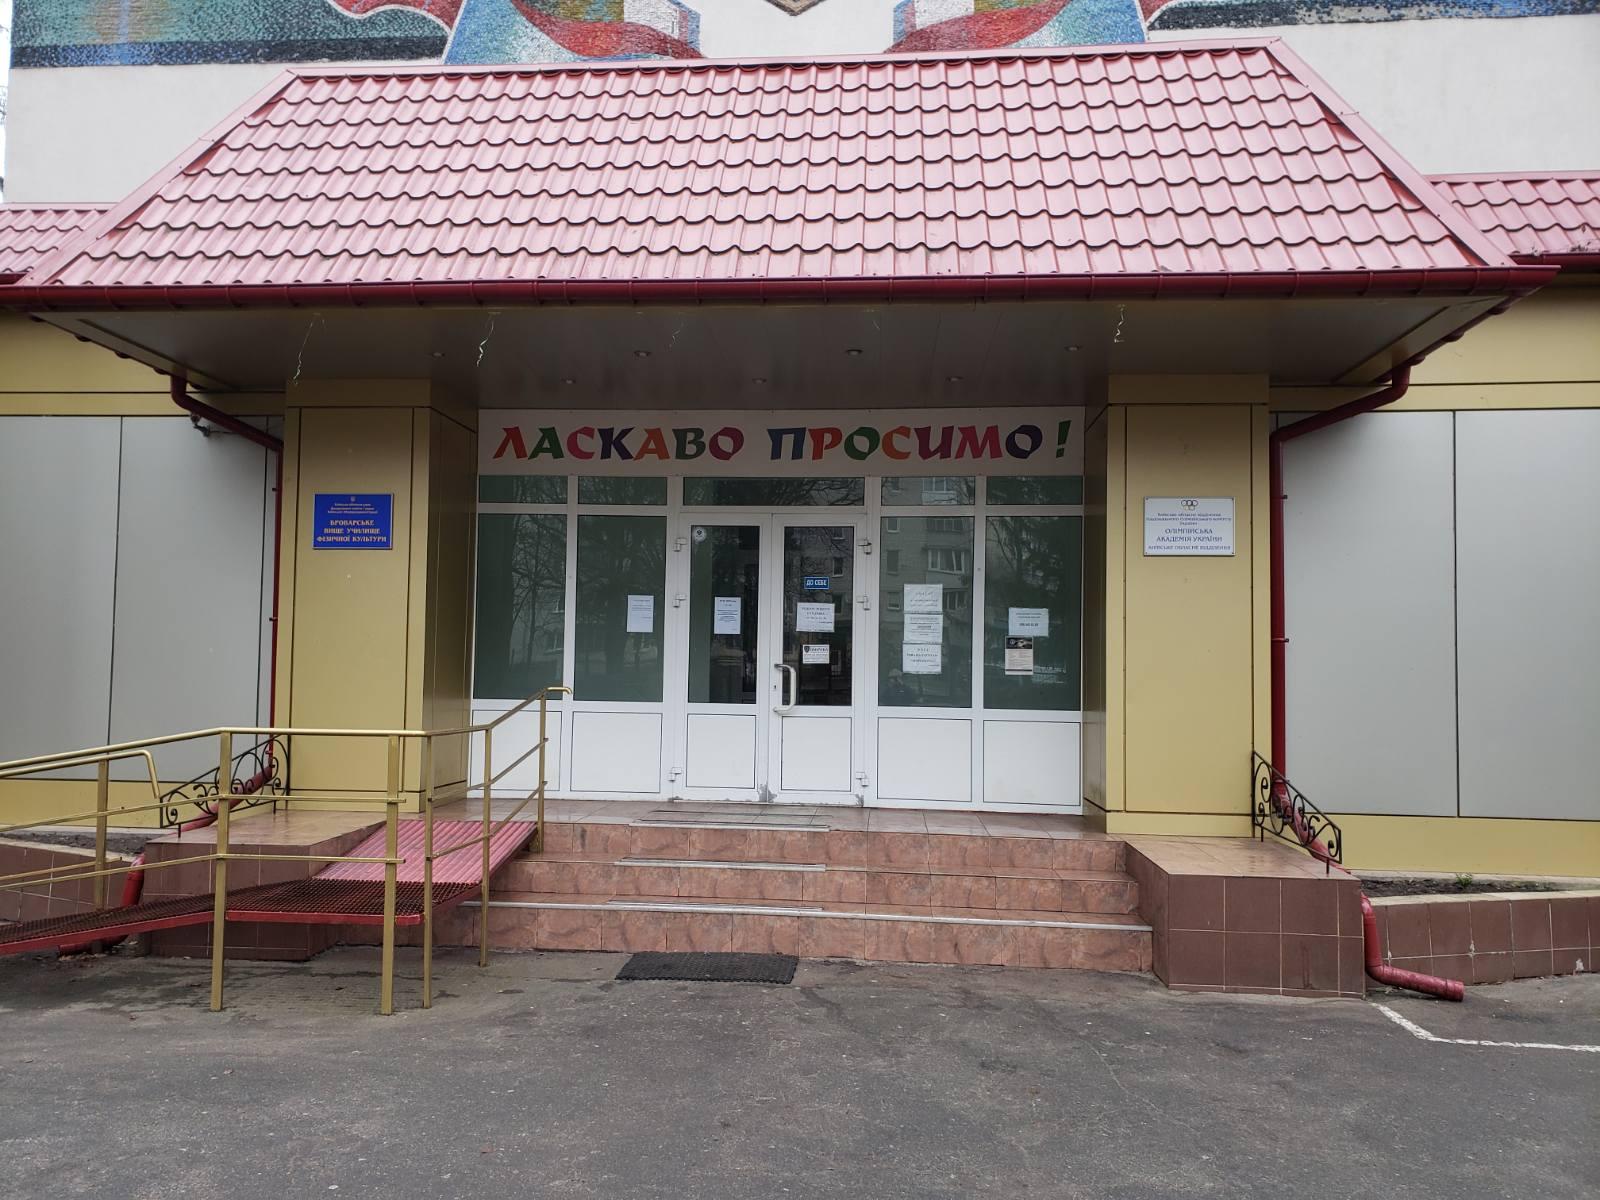 У Броварах спортучилище і школа можуть опинитися під одним дахом -  - yzobrazhenye viber 2020 01 29 15 42 43